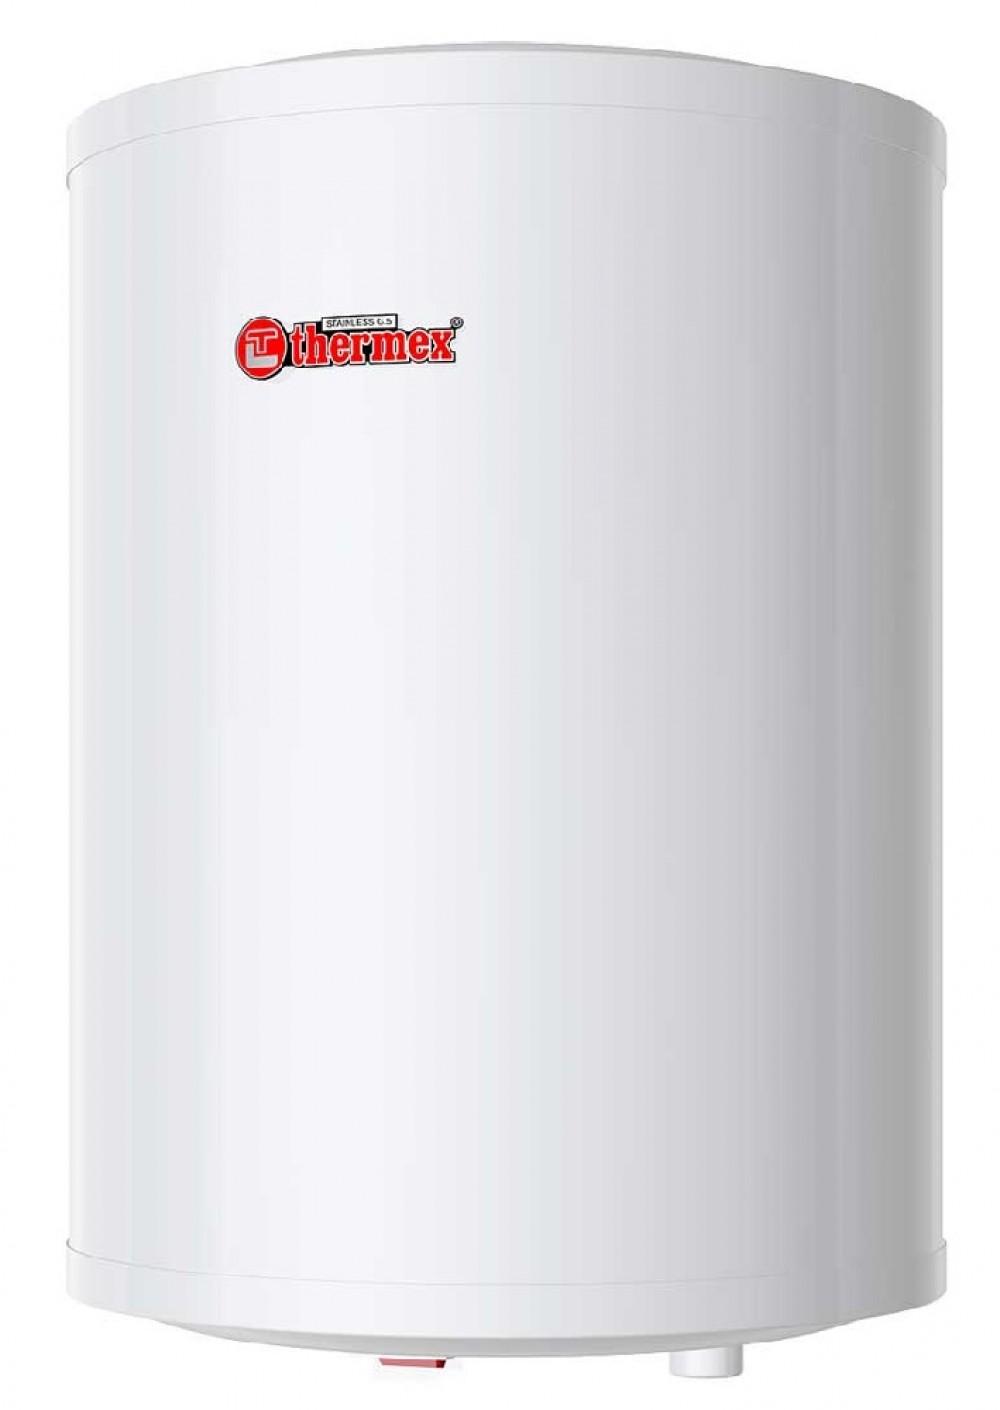 Категория: электрический водонагреватель тип водонагревателя: проточный ном